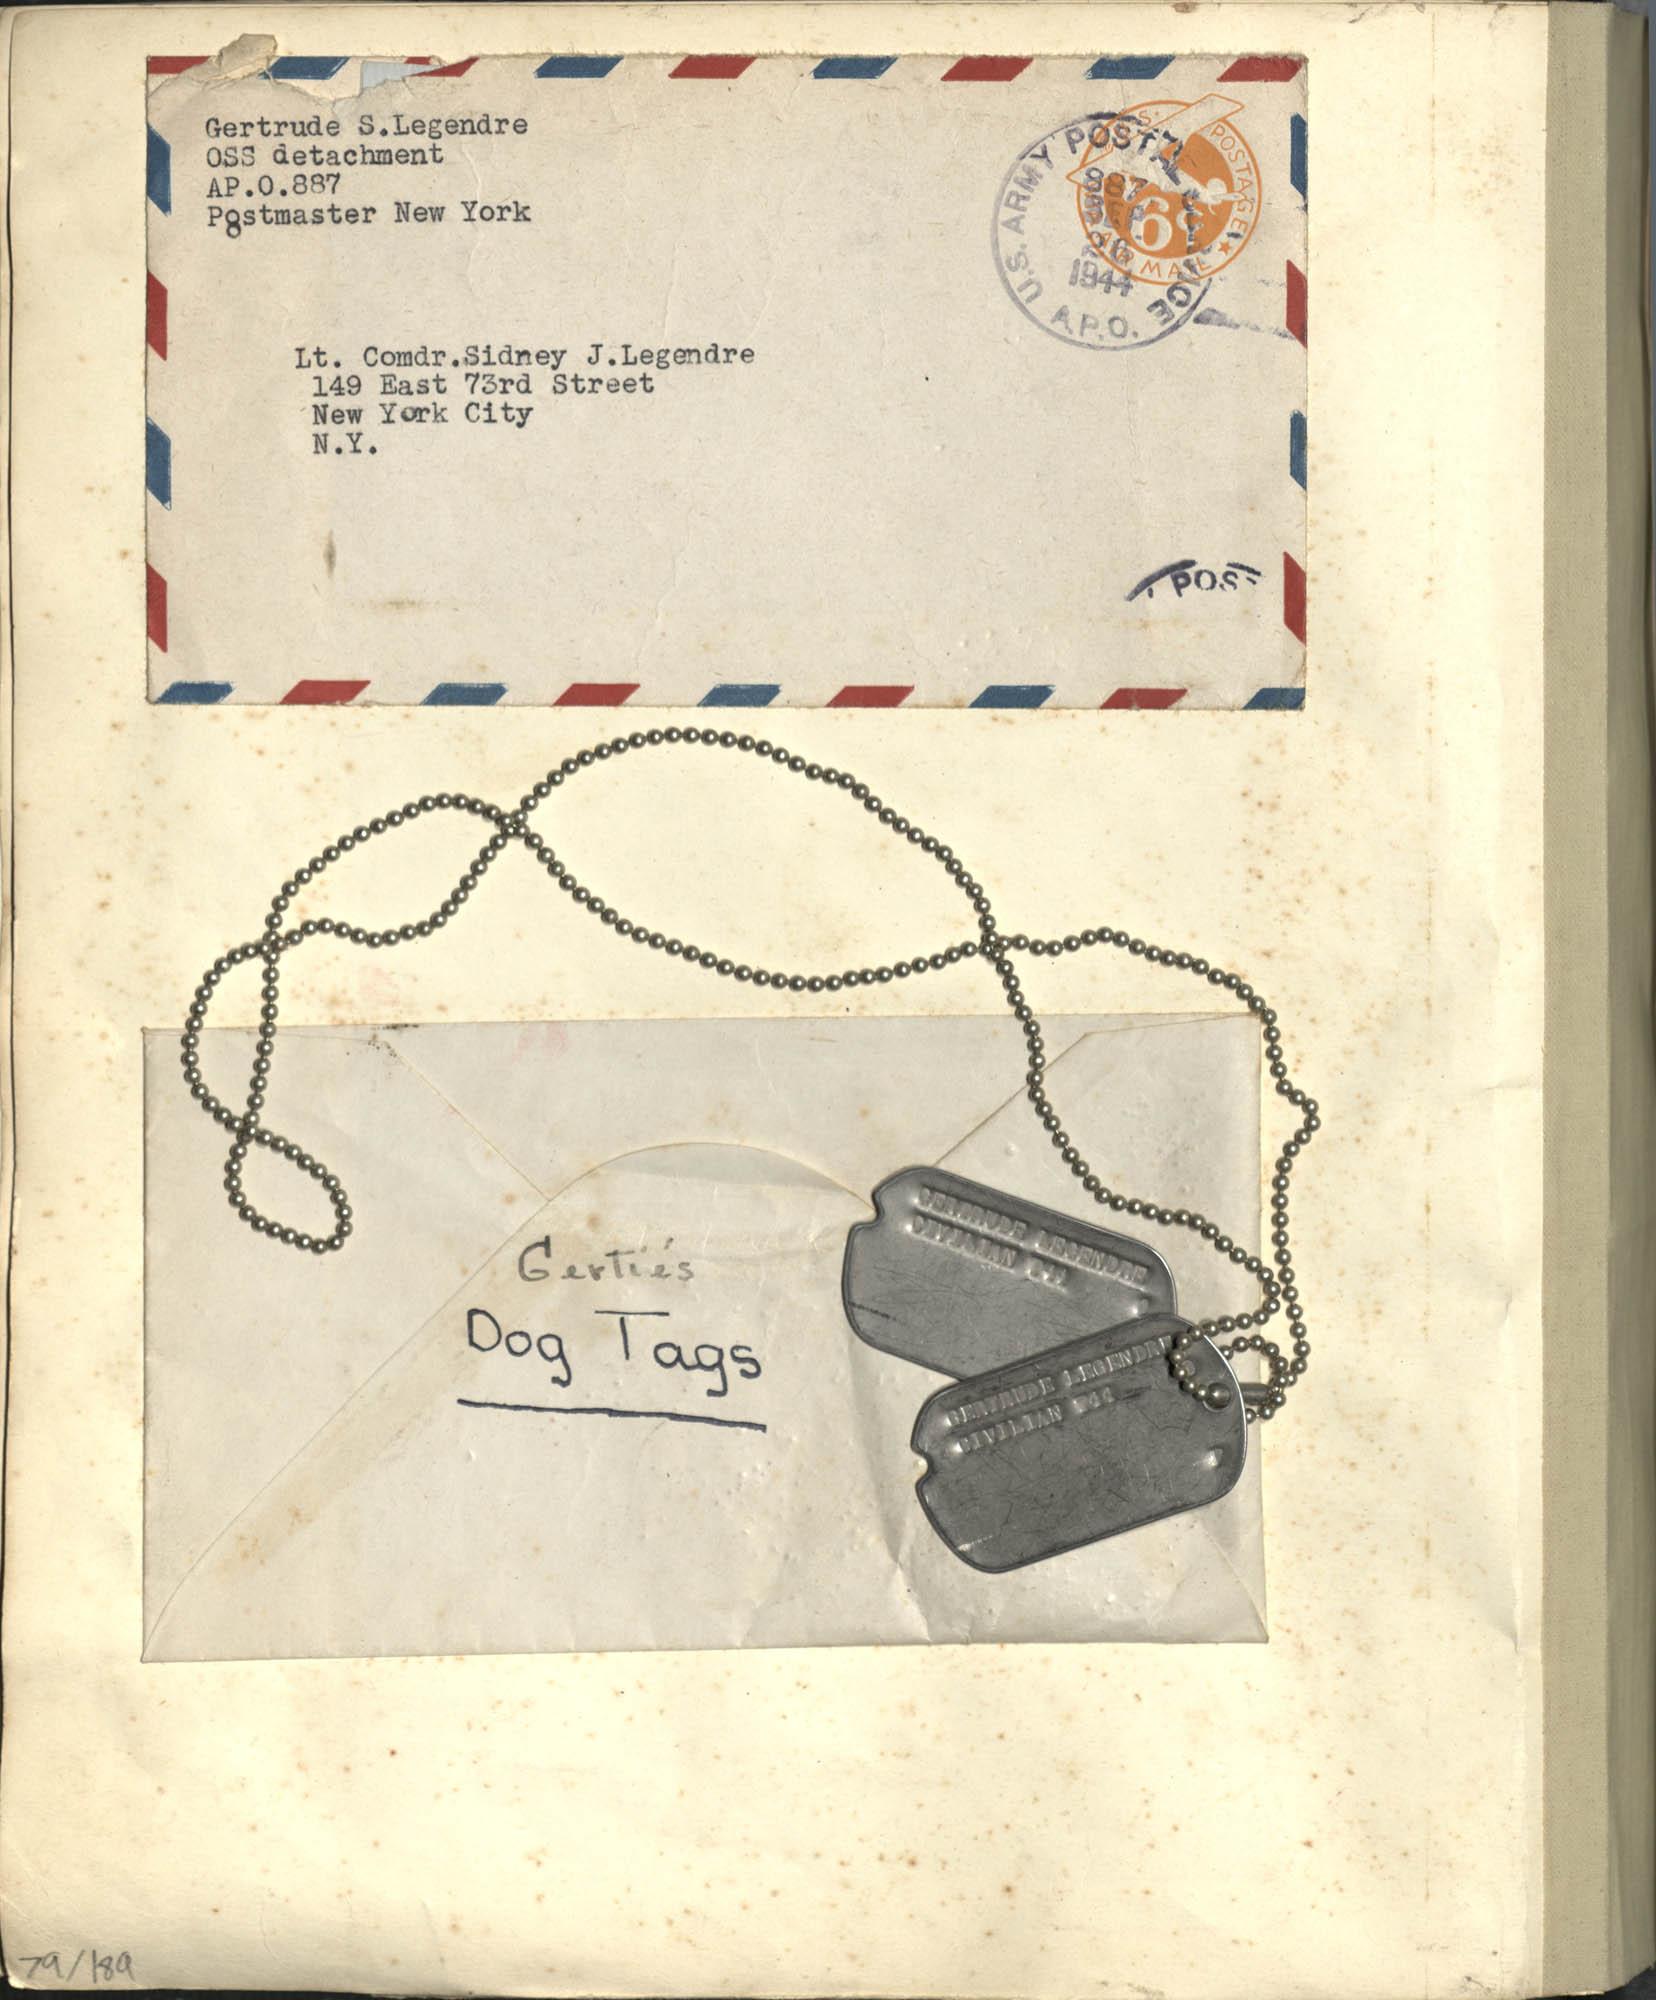 Gertrude Legendre OSS Scrapbook, 1944, Page 79a